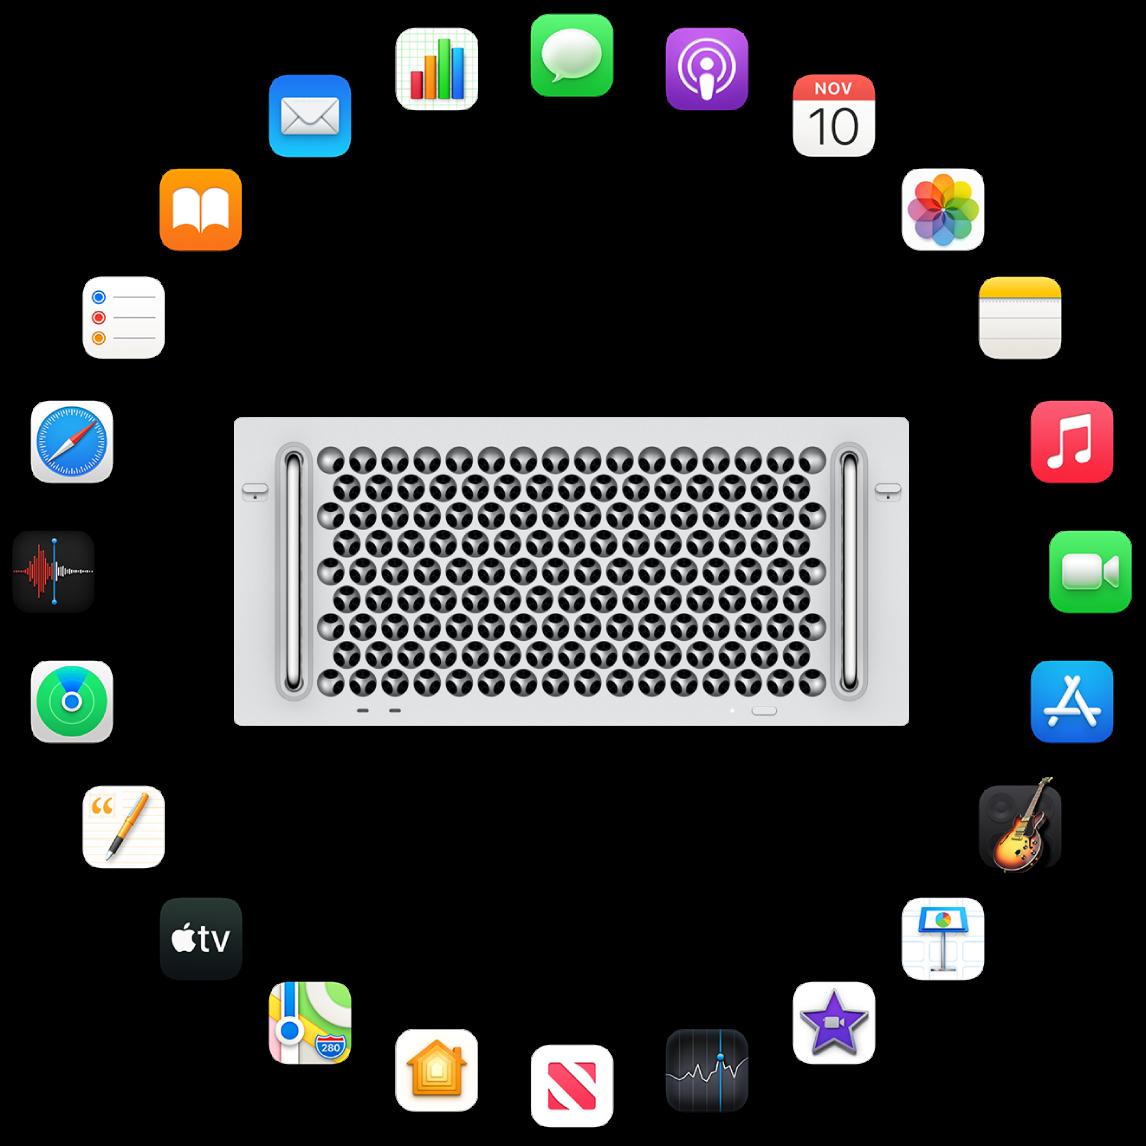 Келесі бөлімдерде сипатталған кірістірілген қолданбалардың белгішелерімен қоршалған Mac Pro компьютері.